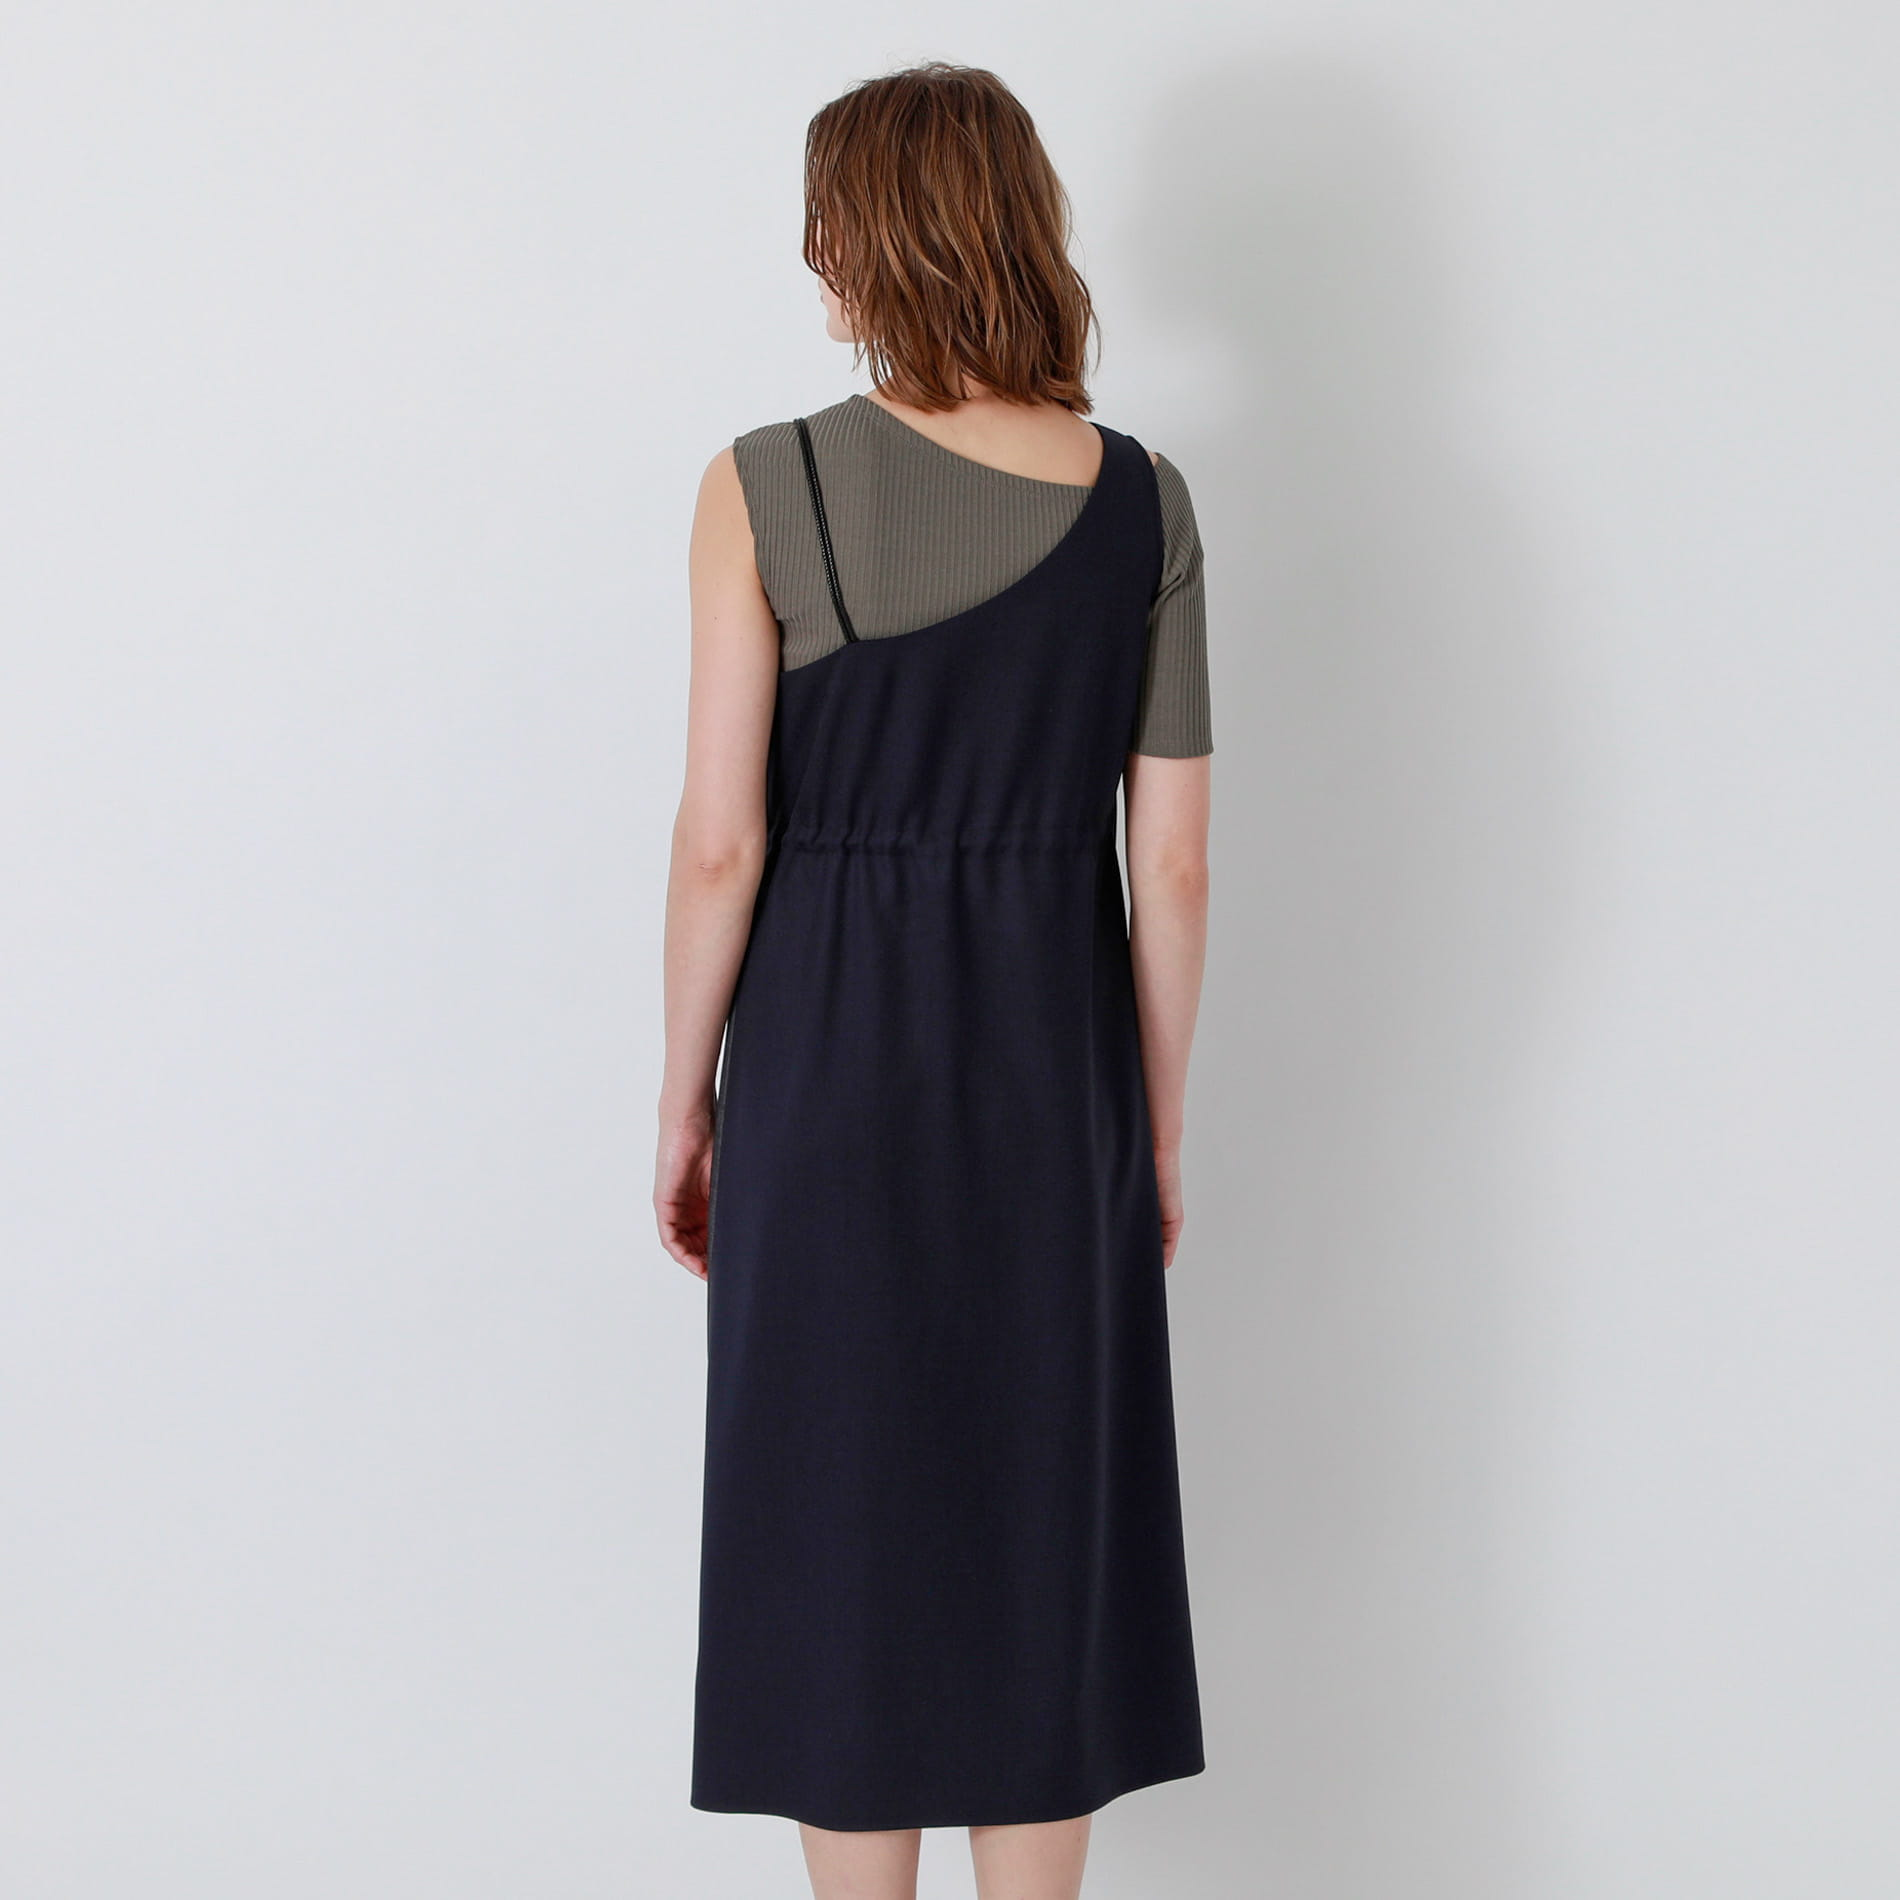 【返品送料無料】ネイビーアシンメトリー スタイリング ドレス